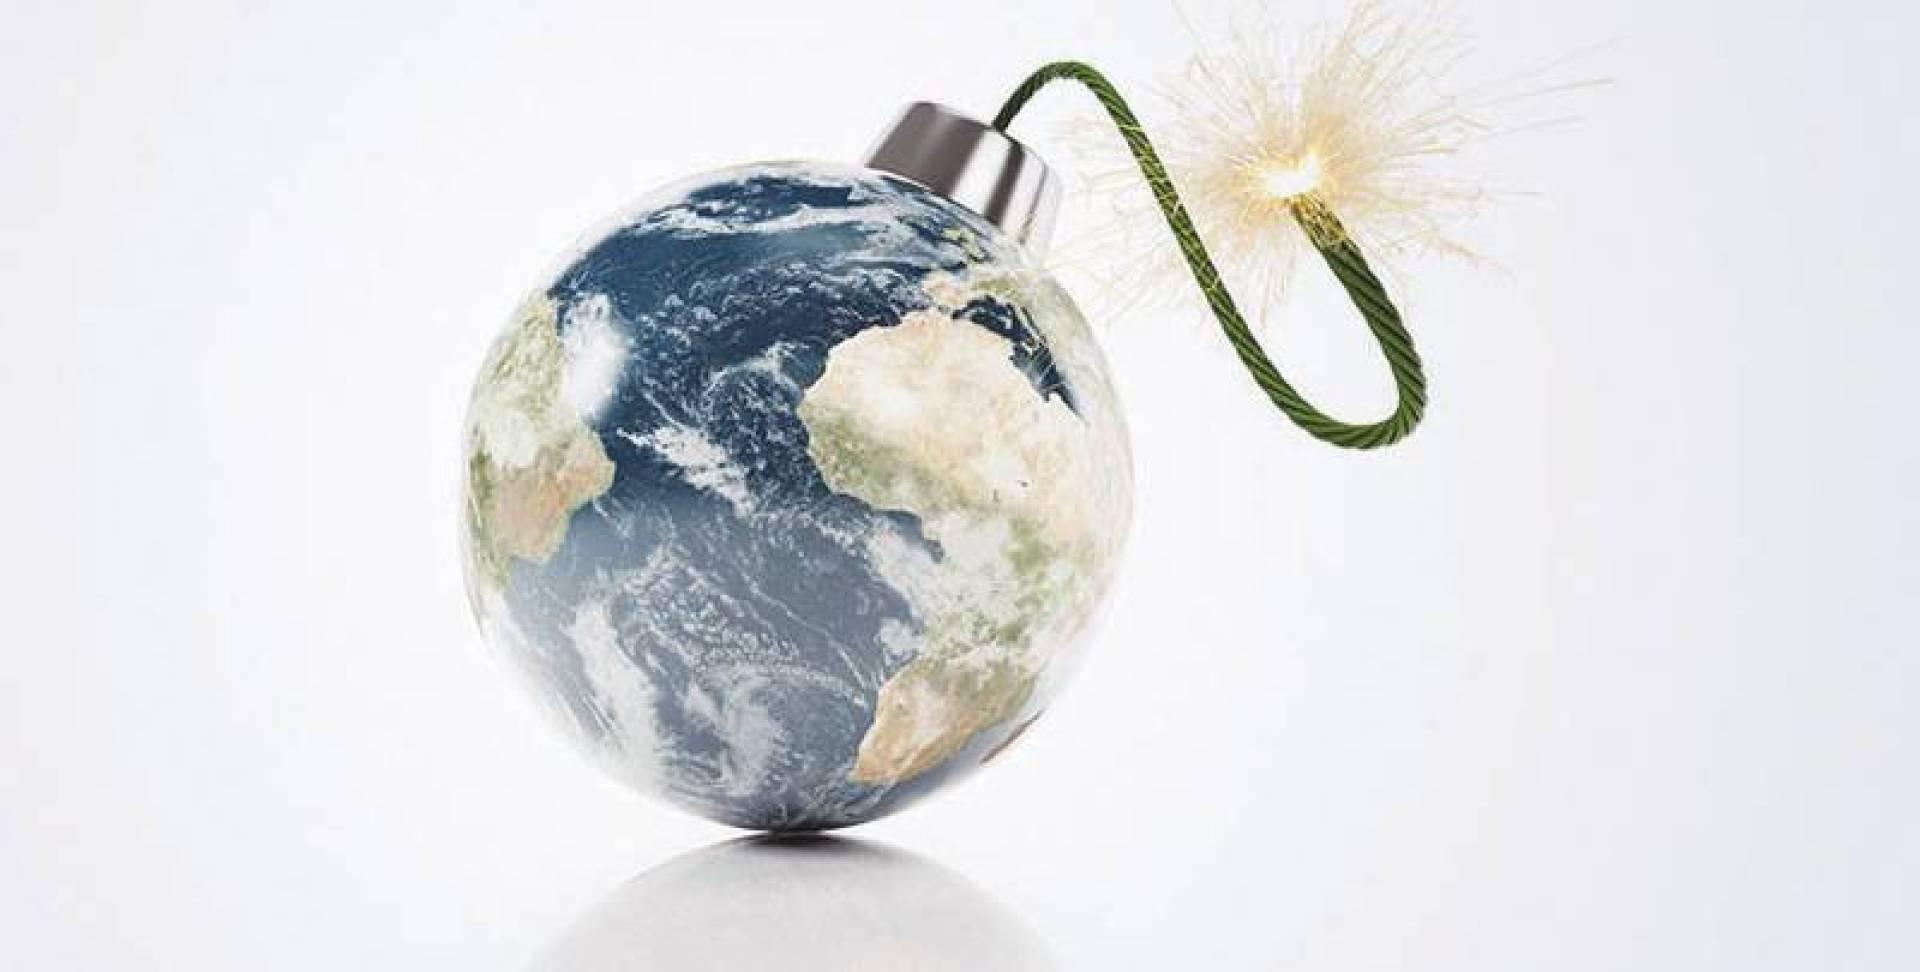 اليابان باتت خطراً على الاستقرار المالي العالمي!